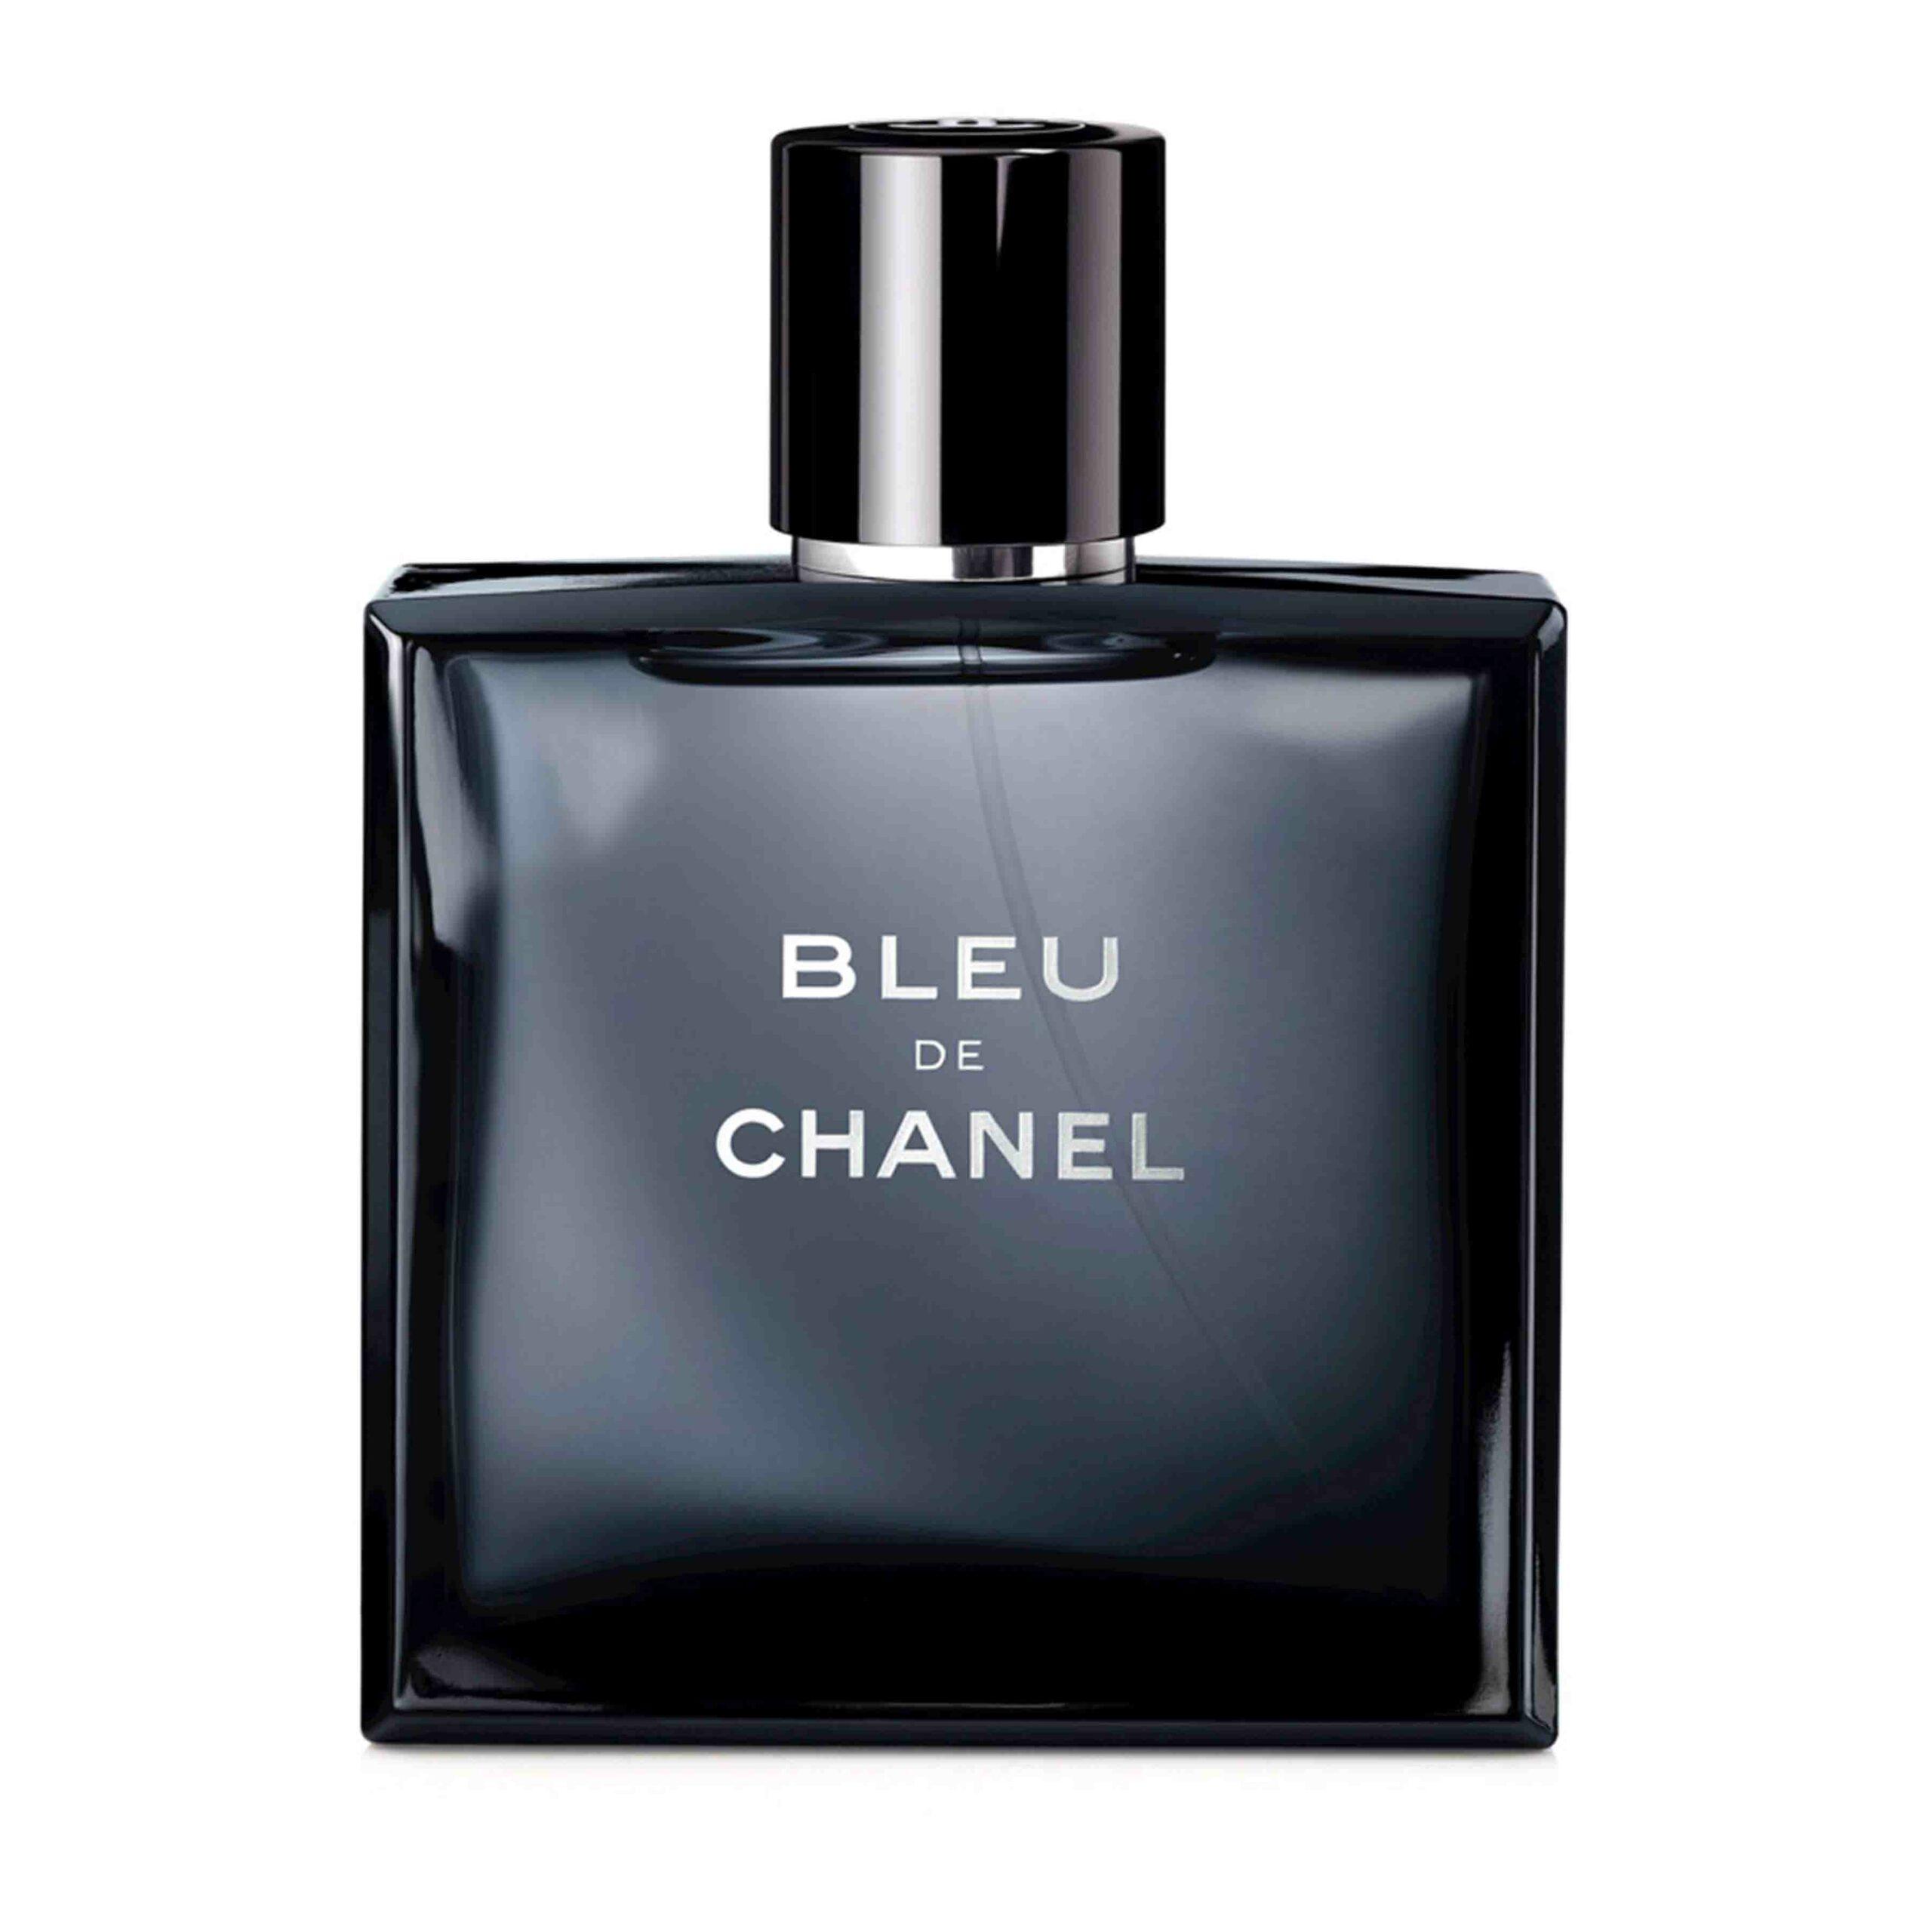 Die besten Parfums für Männer 2021: Bleu de Chanel